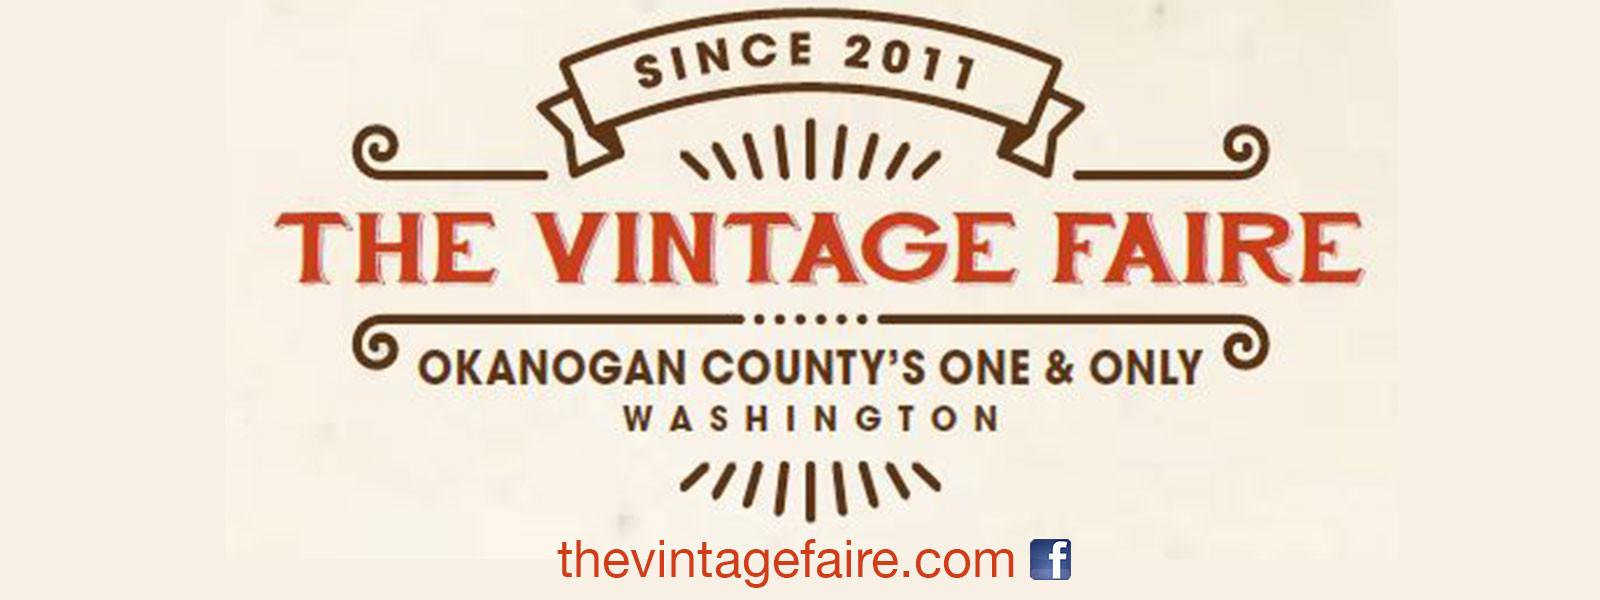 The Vintage Faire